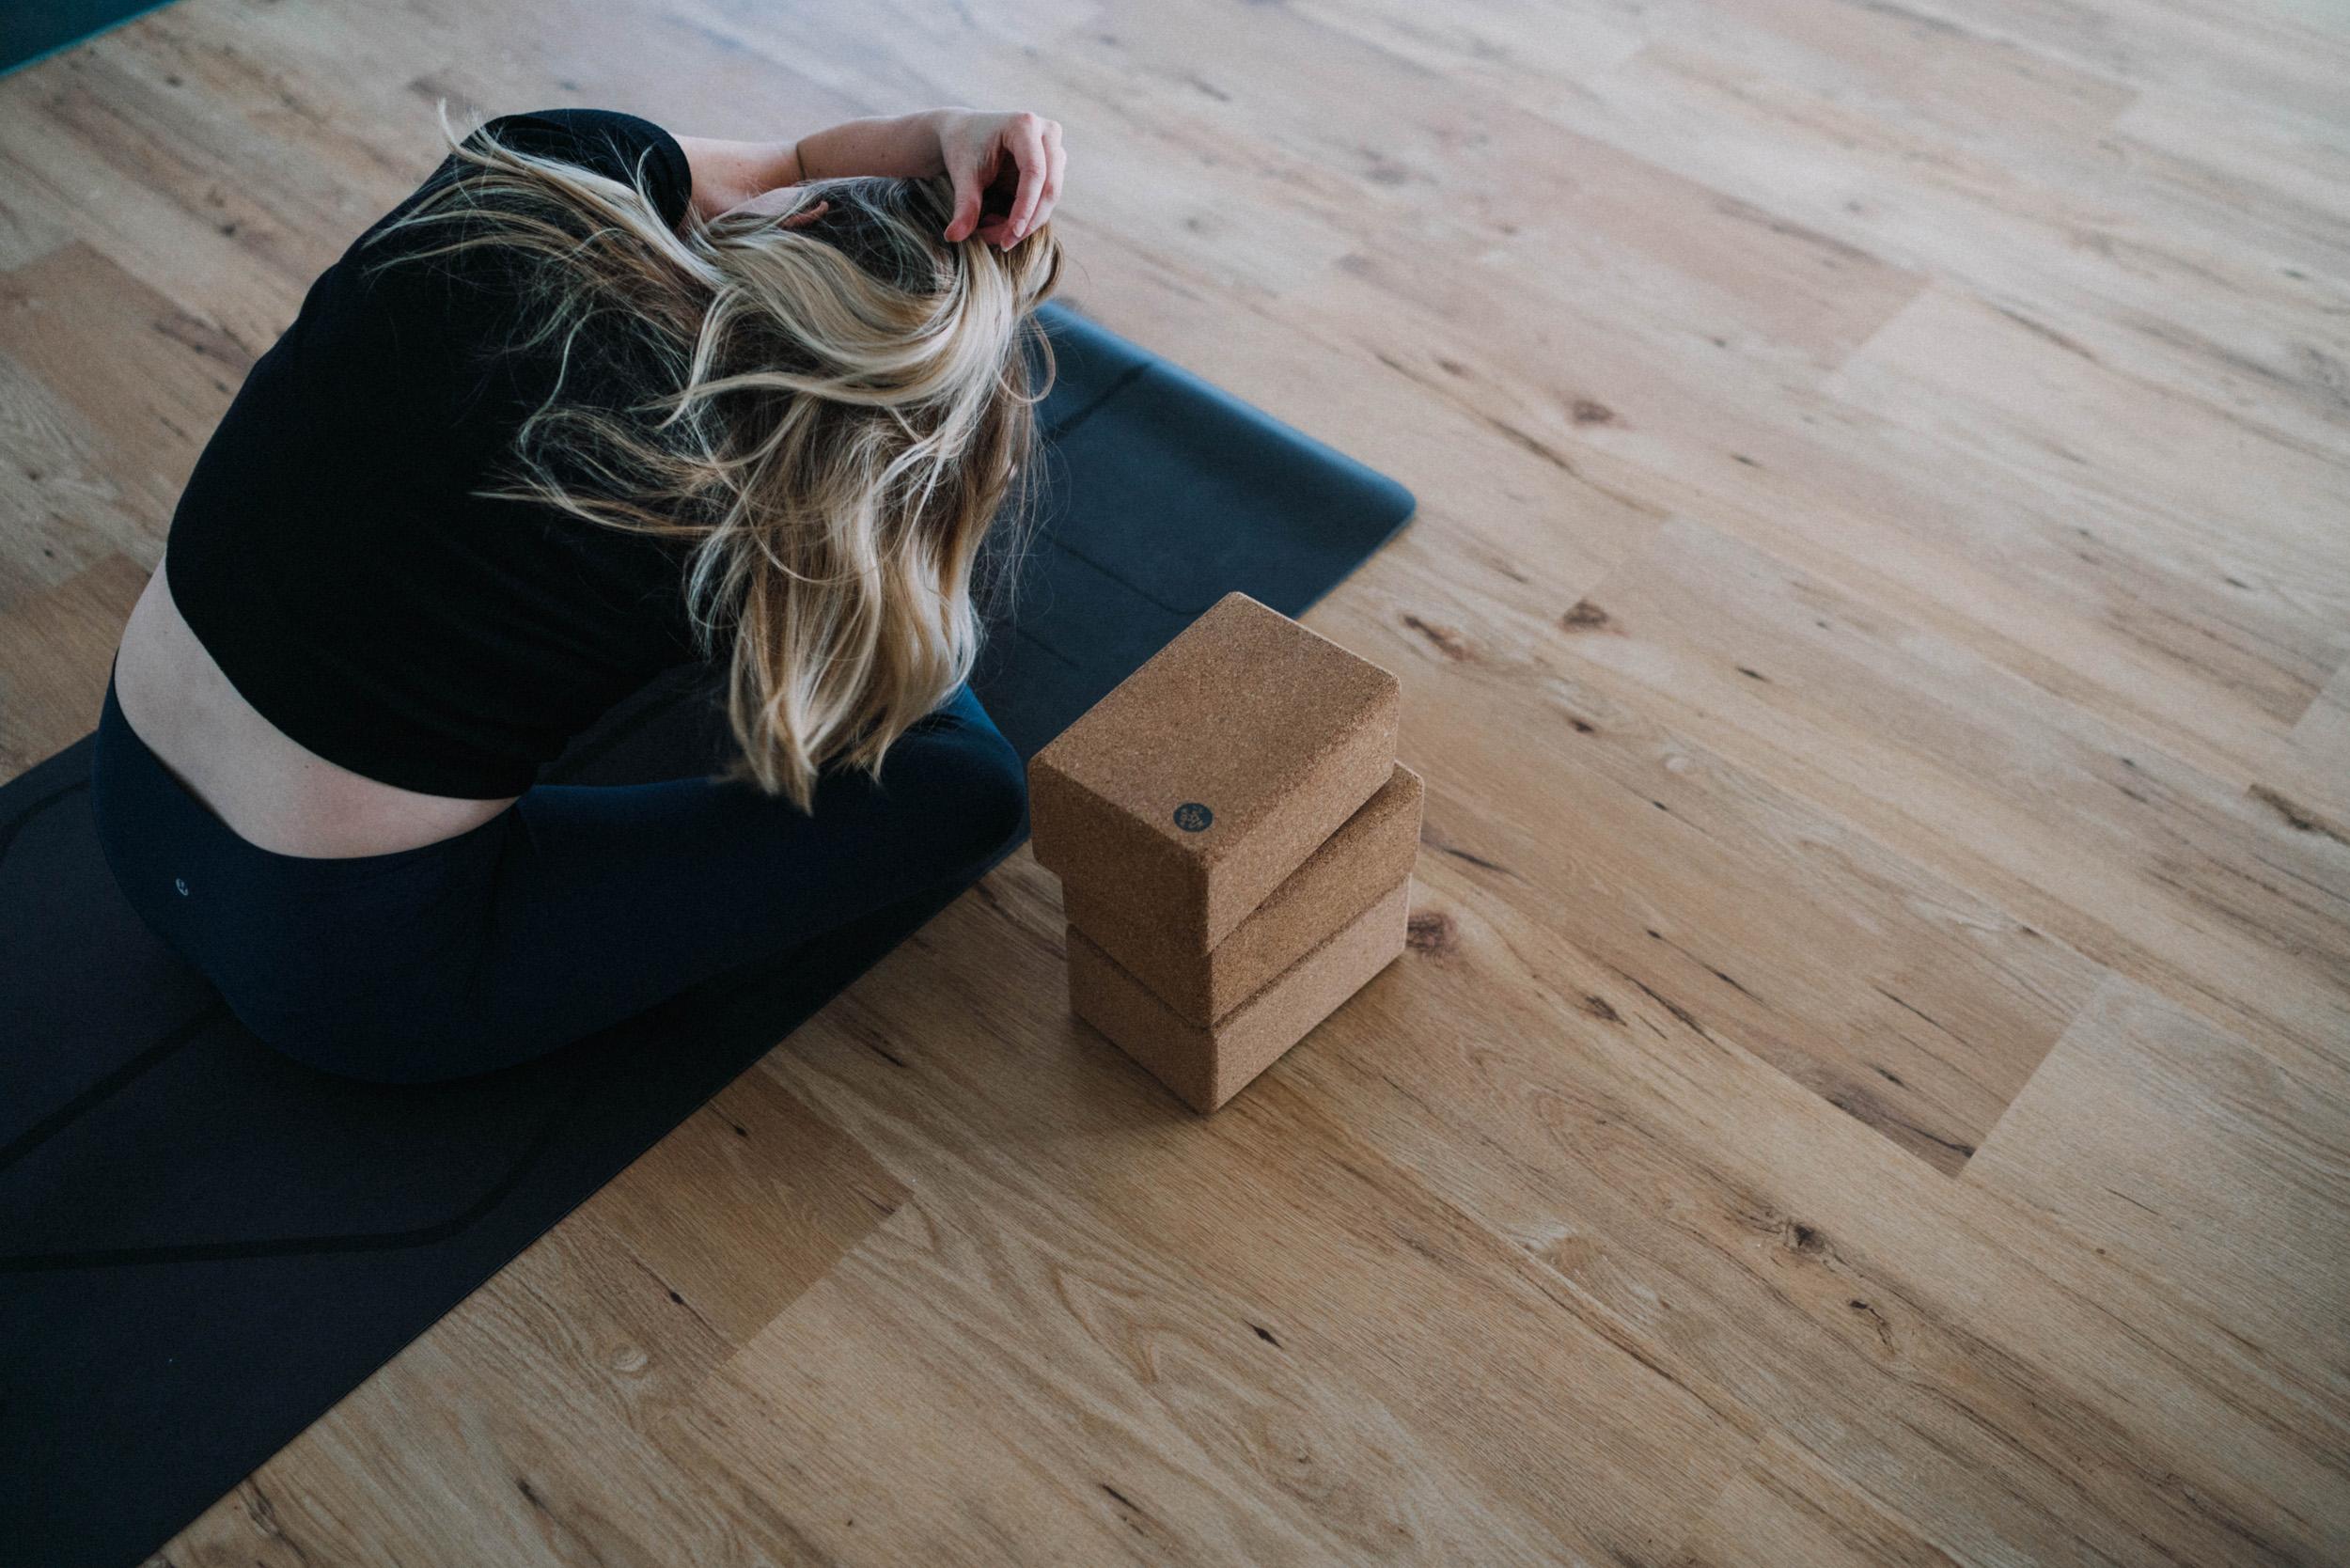 Yoga, blocks, katonah, wood floor, columbus, Ohio, LA, NYC